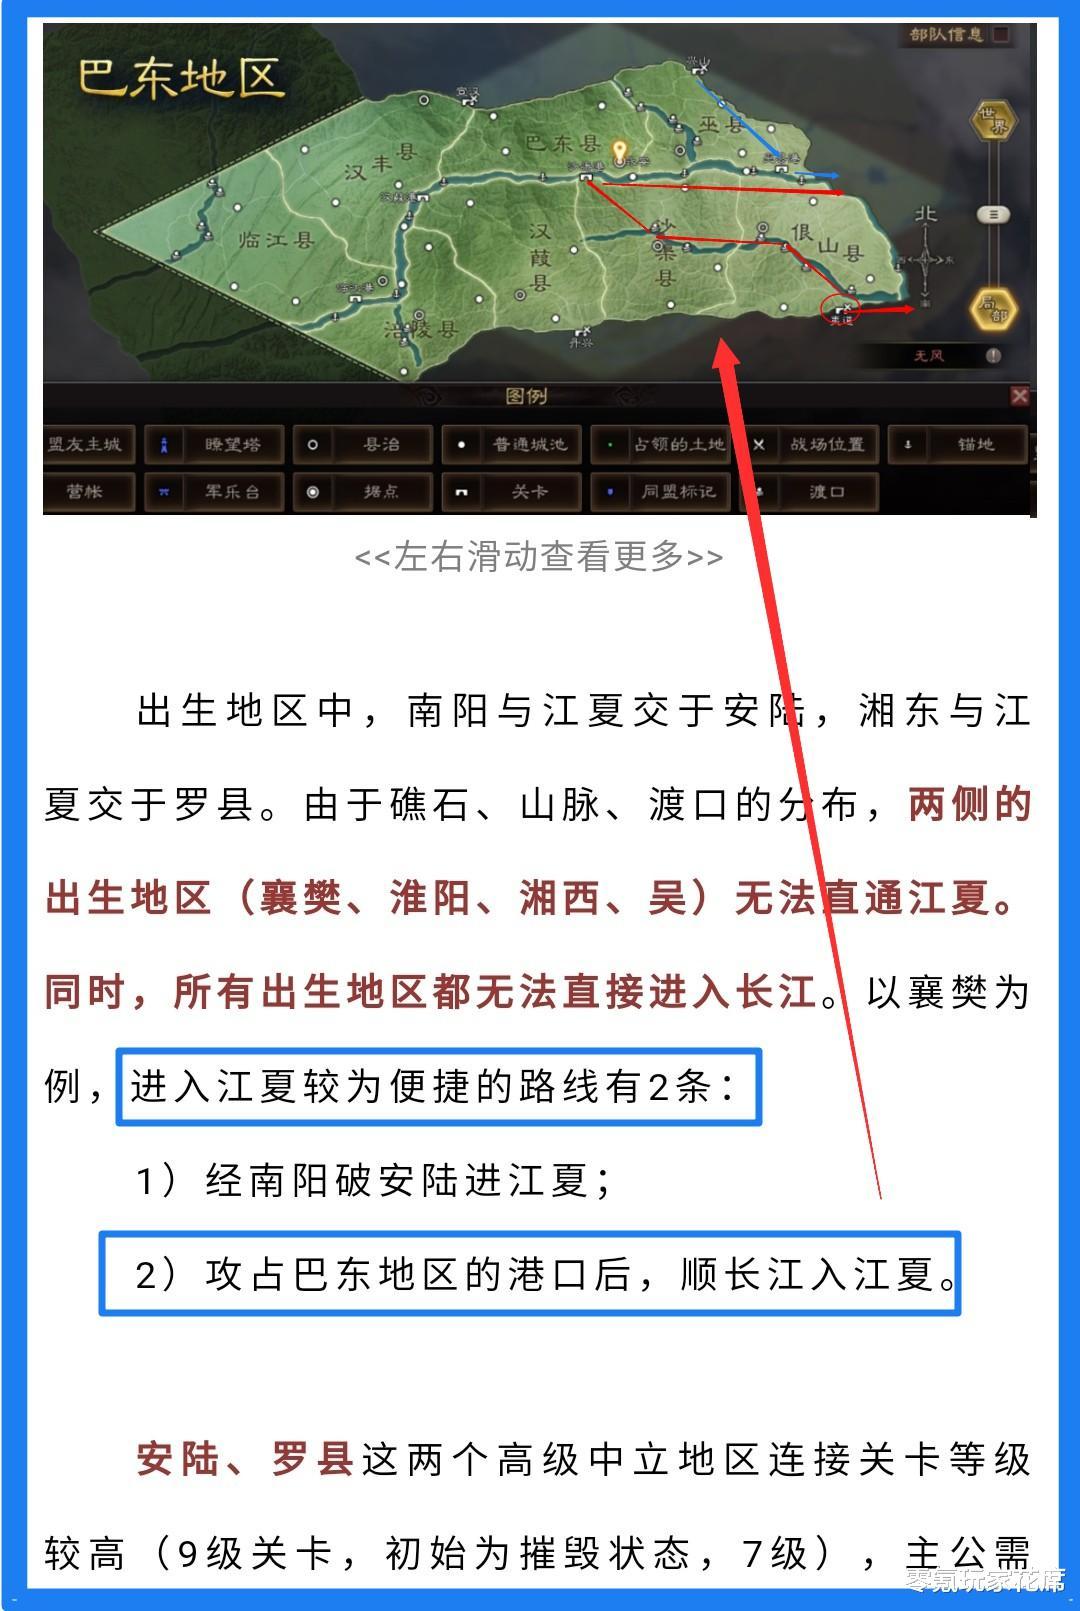 《【煜星在线娱乐注册】三国志战略版:S7开荒用这些武将不吃亏,团队利益高于个人利益》